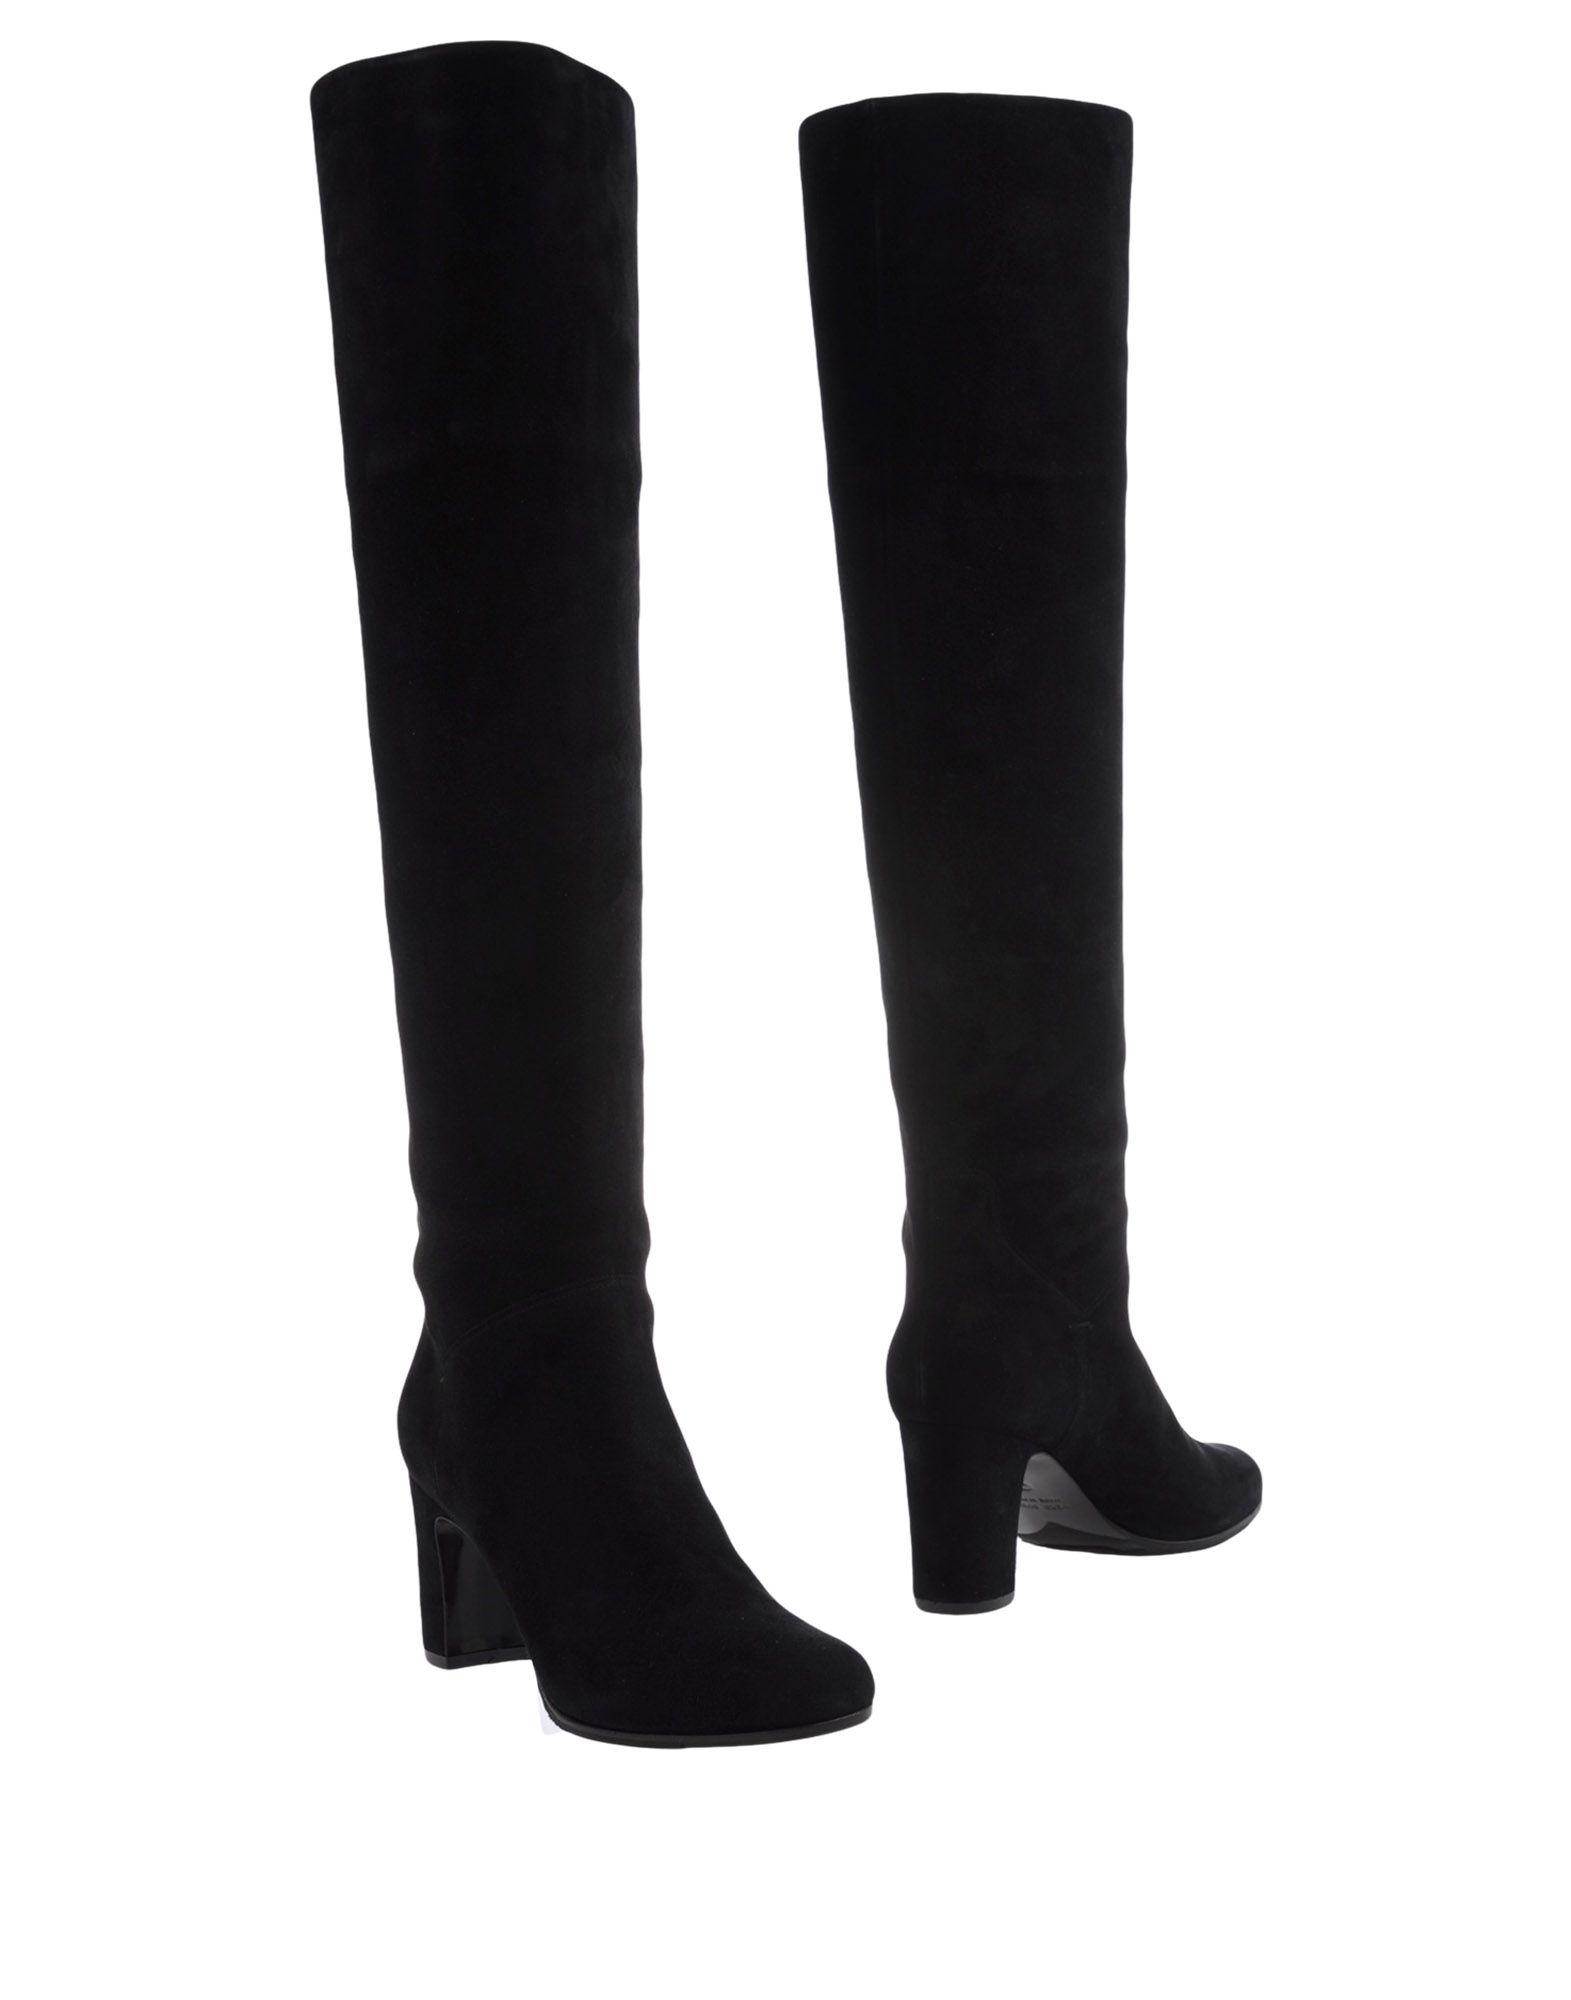 L' Autre Chose Boots - Women L' on Autre Chose Boots online on L'  Australia - 11239367NS 13f98a